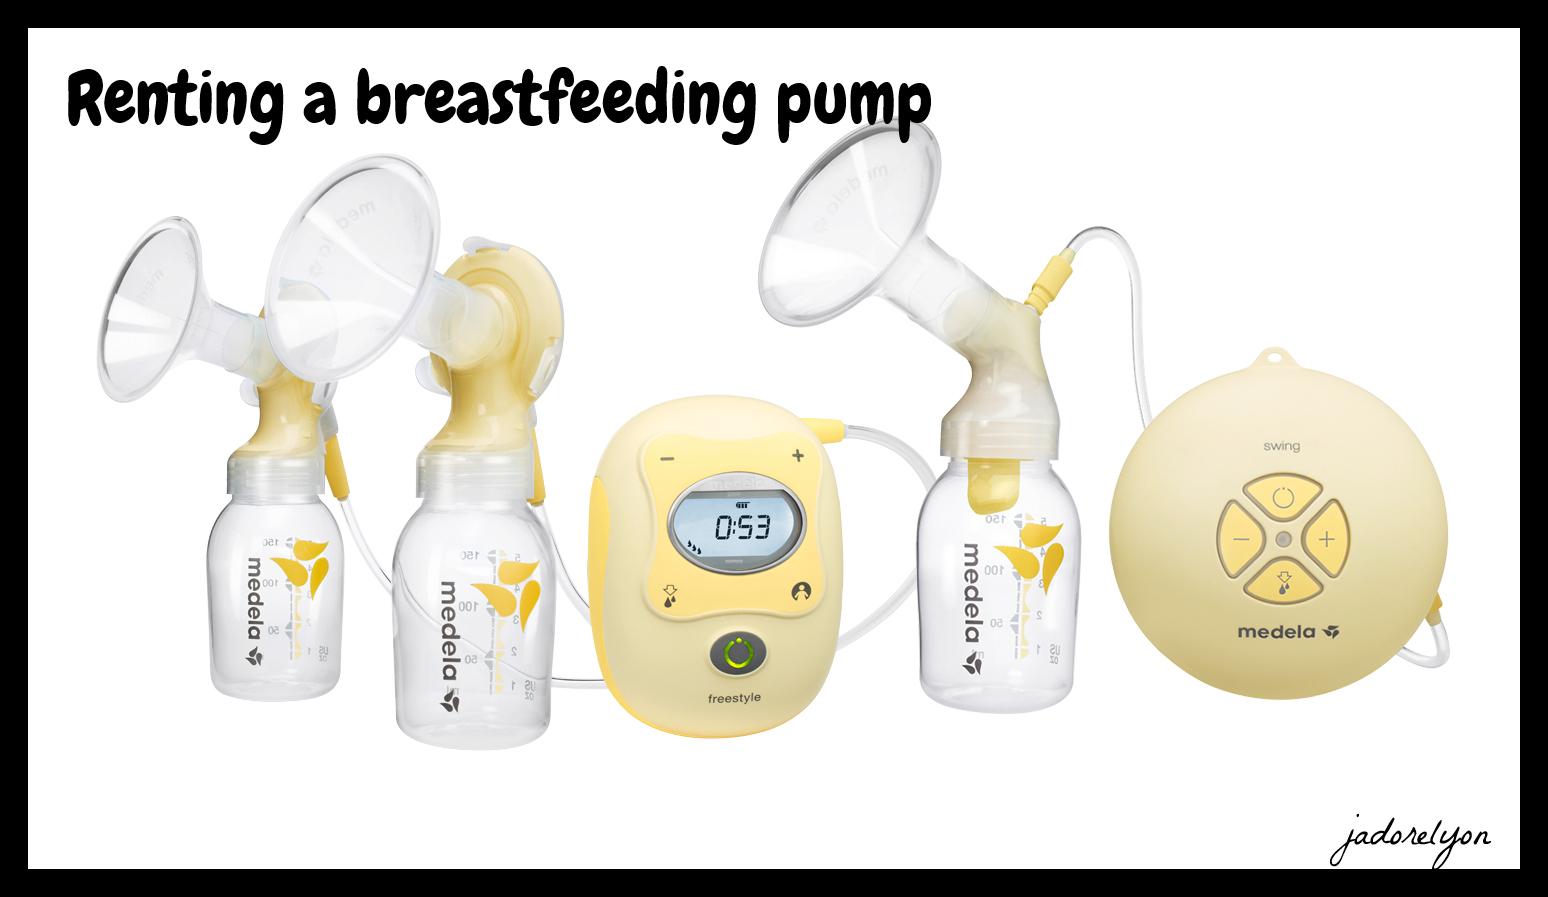 breastfeeding pump renting